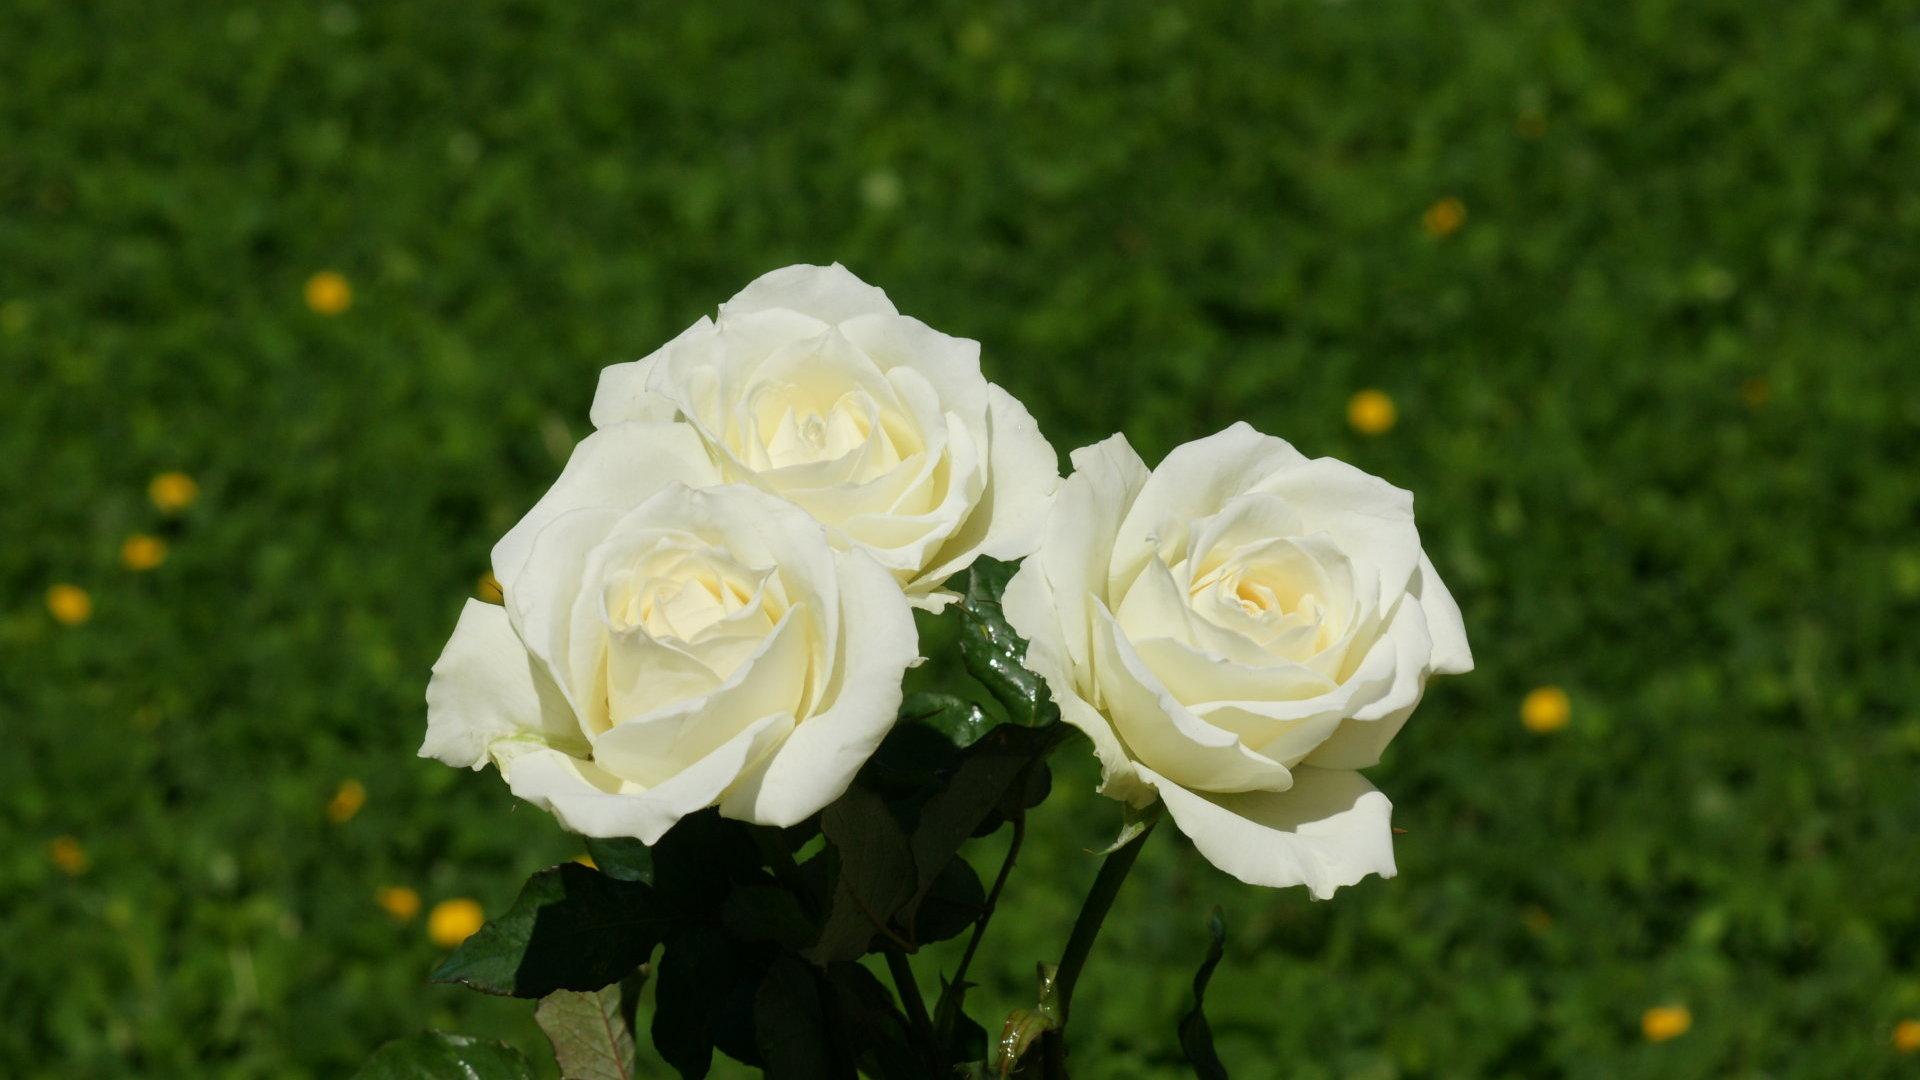 Rose wallpaper - beautiful roses Beautiful White Rose Wallpaper